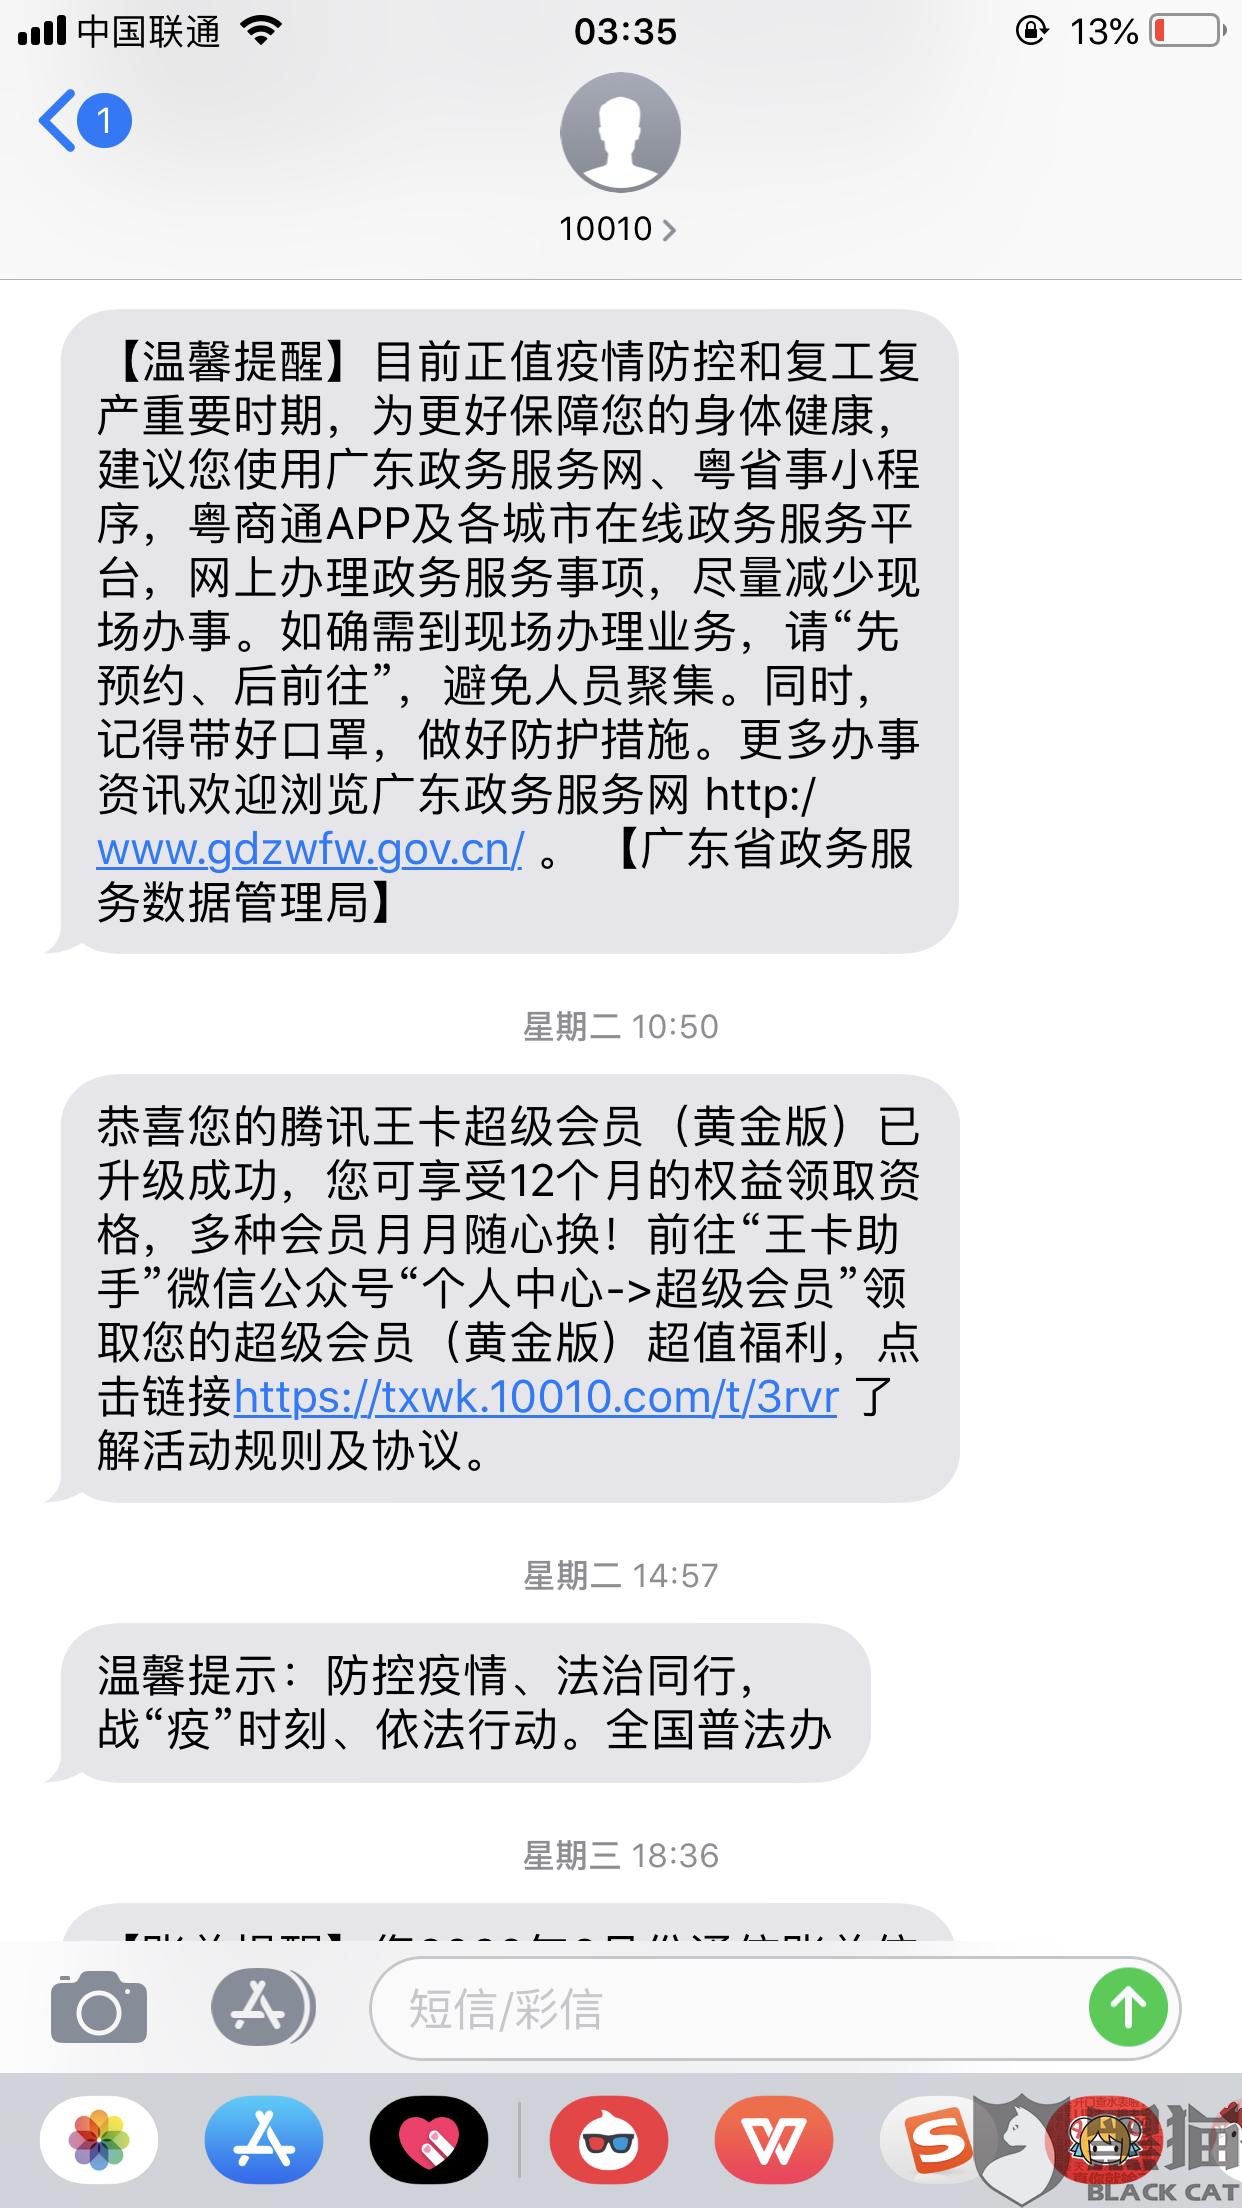 黑猫投诉:联通大王卡客服电话欺诈,谎称大王卡免费升级成大王卡超级会员黄金版,实则多30月租